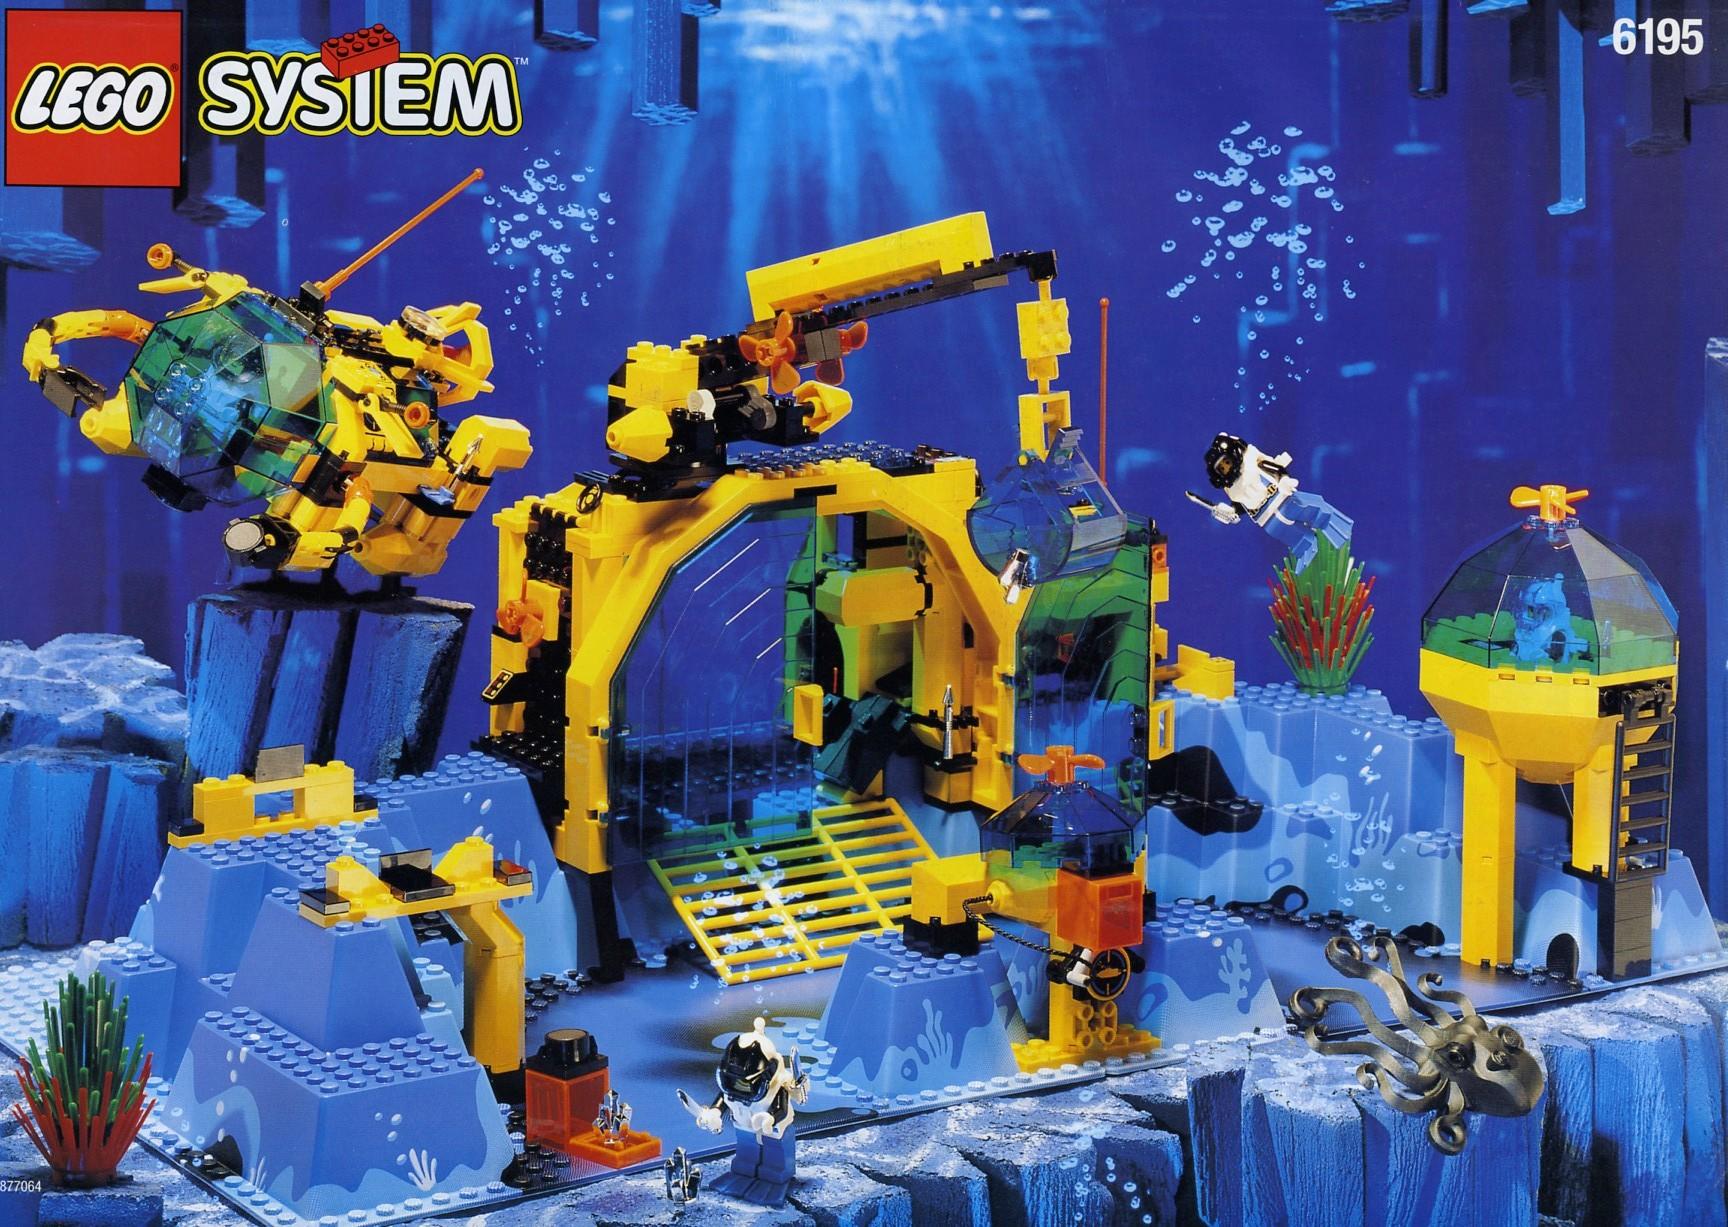 LEGO set - Neptune Discovery Lab (Image: Brickset)